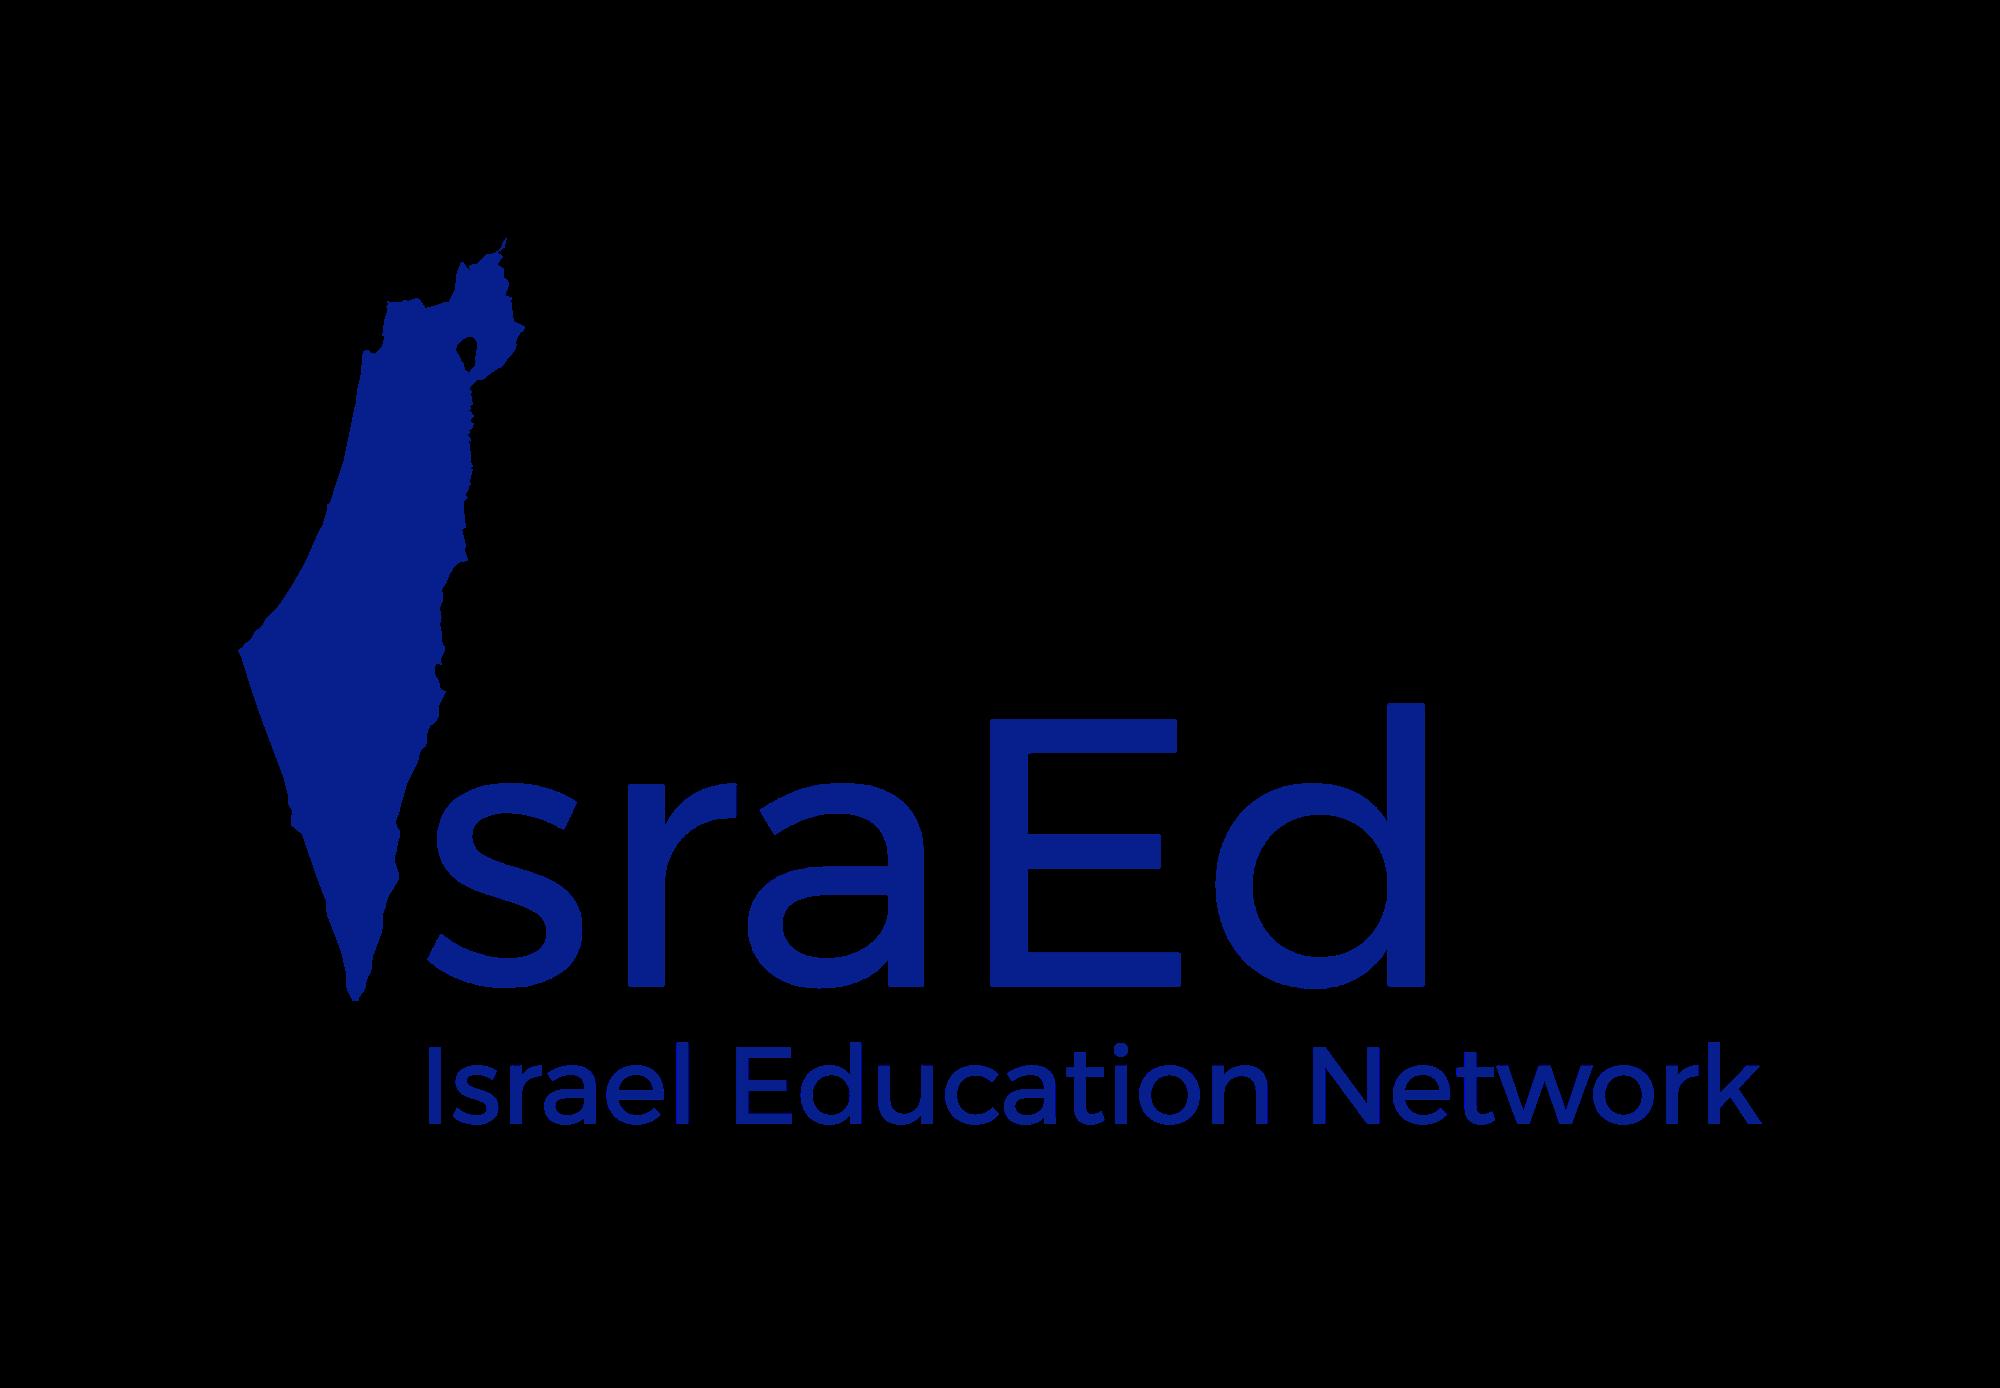 ISRAED-(Formerly JETS-Jerusalem EdTech)